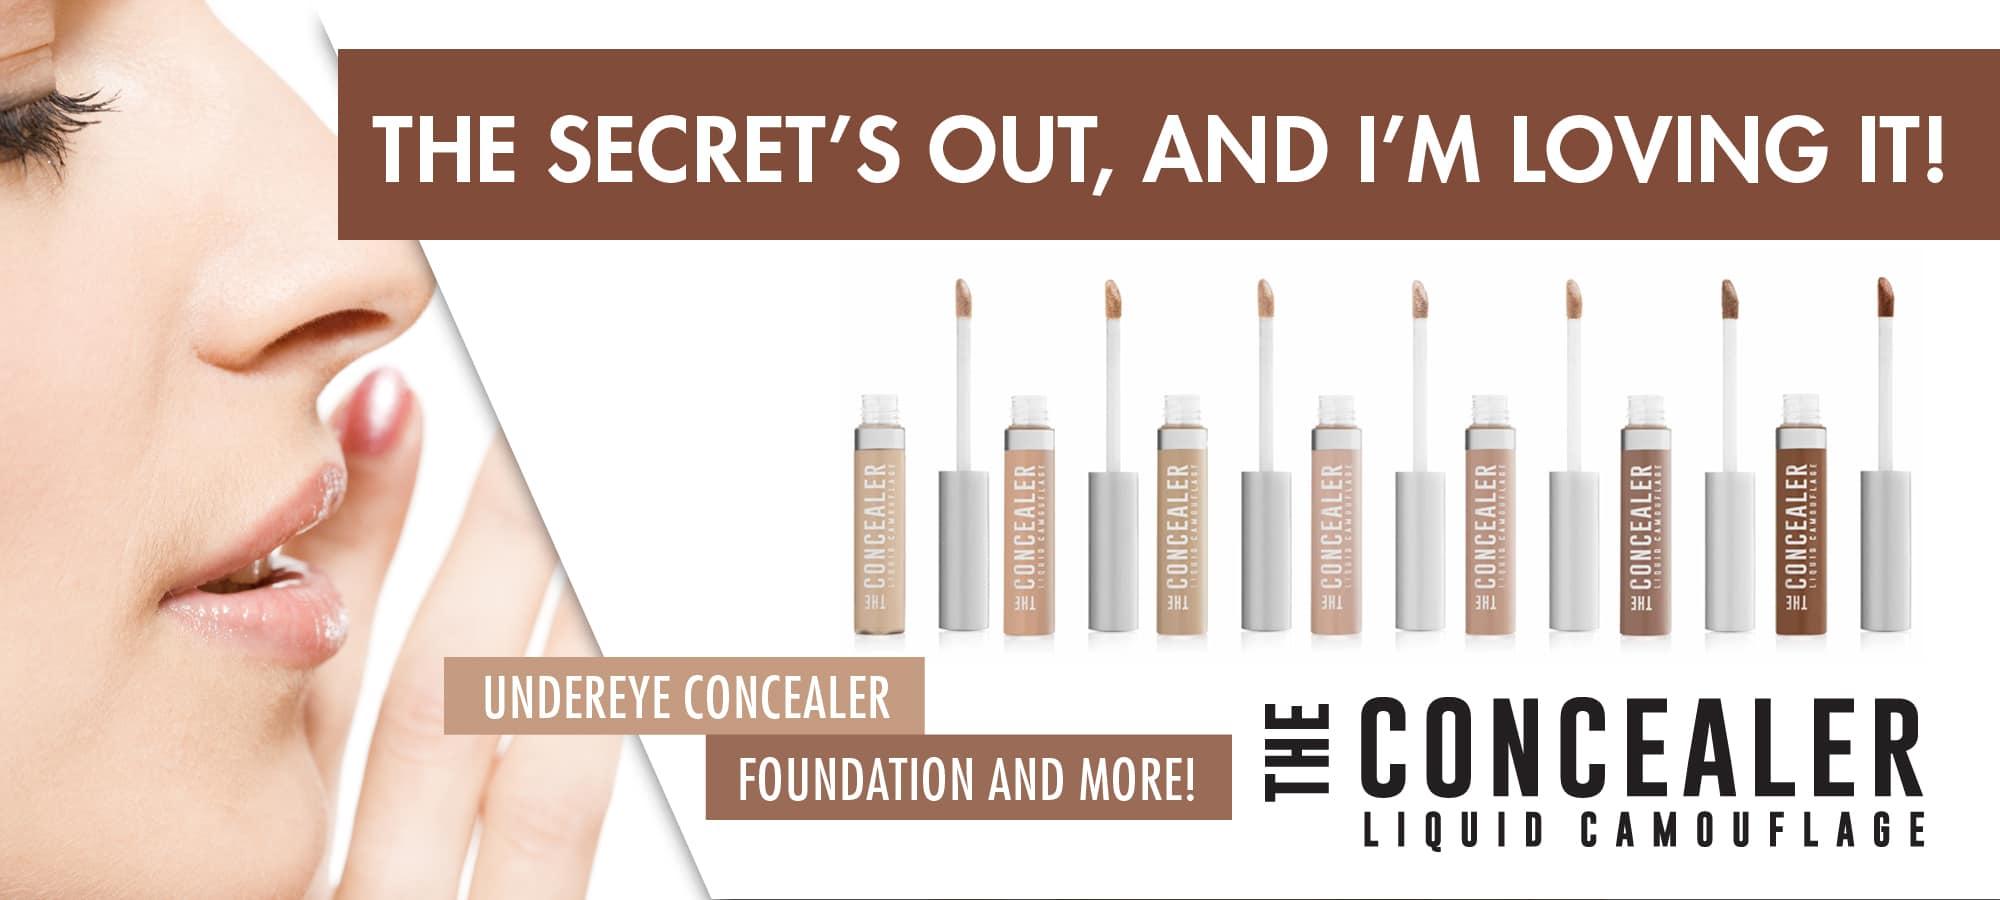 the concealer banner